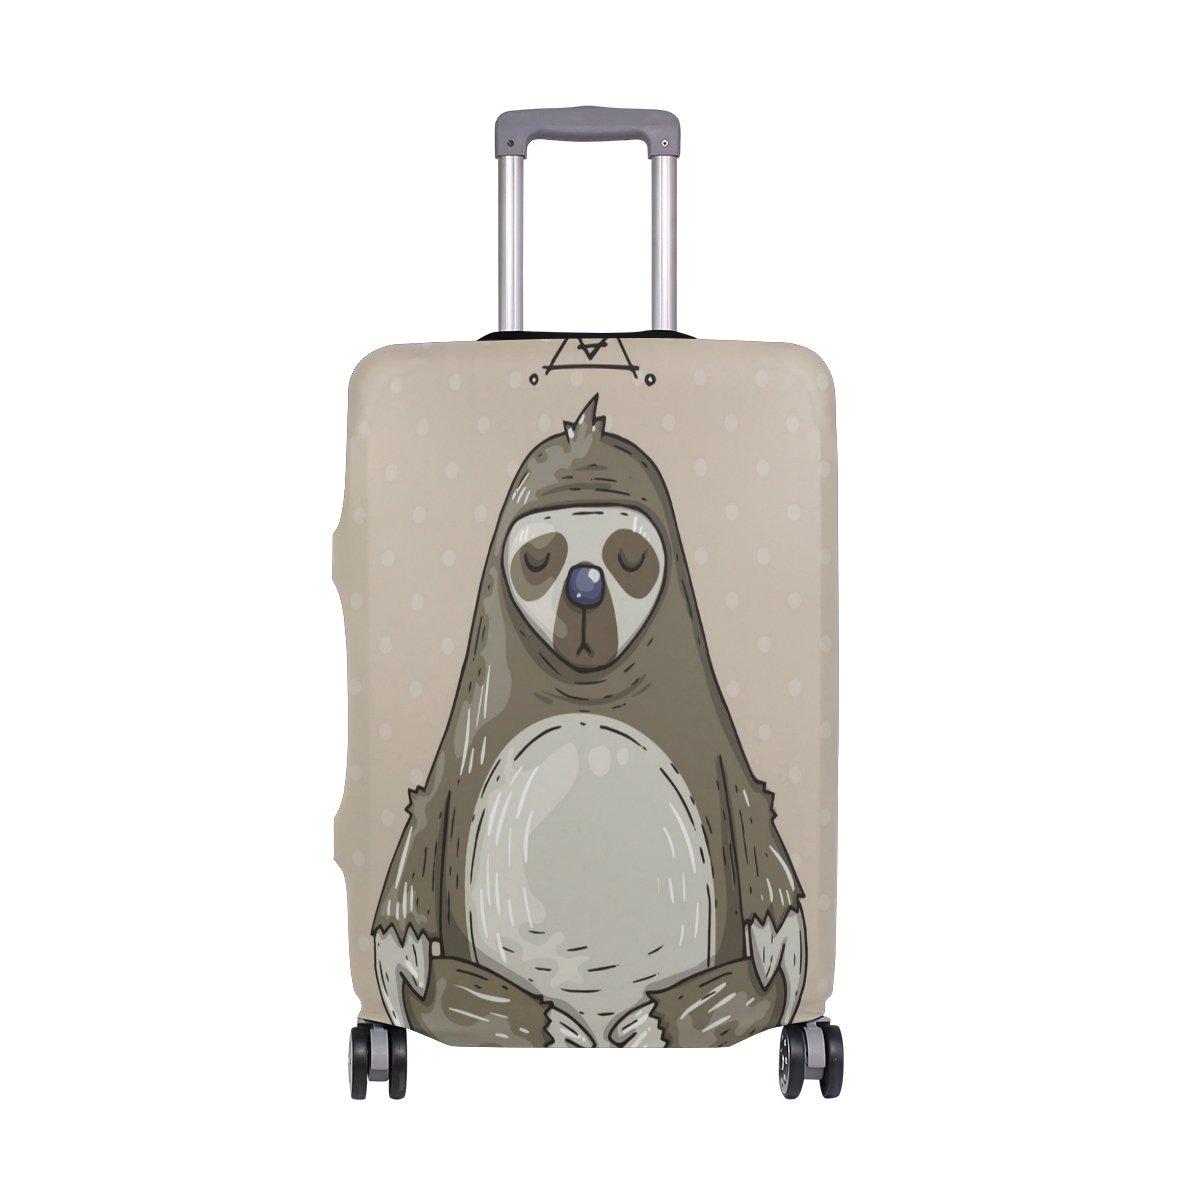 旅行荷物カバーFits 18 – 20インチスーツケースwith Meditatesナマケモノプリントスーツケースカバー S 18-20 in  B07FVS9L19